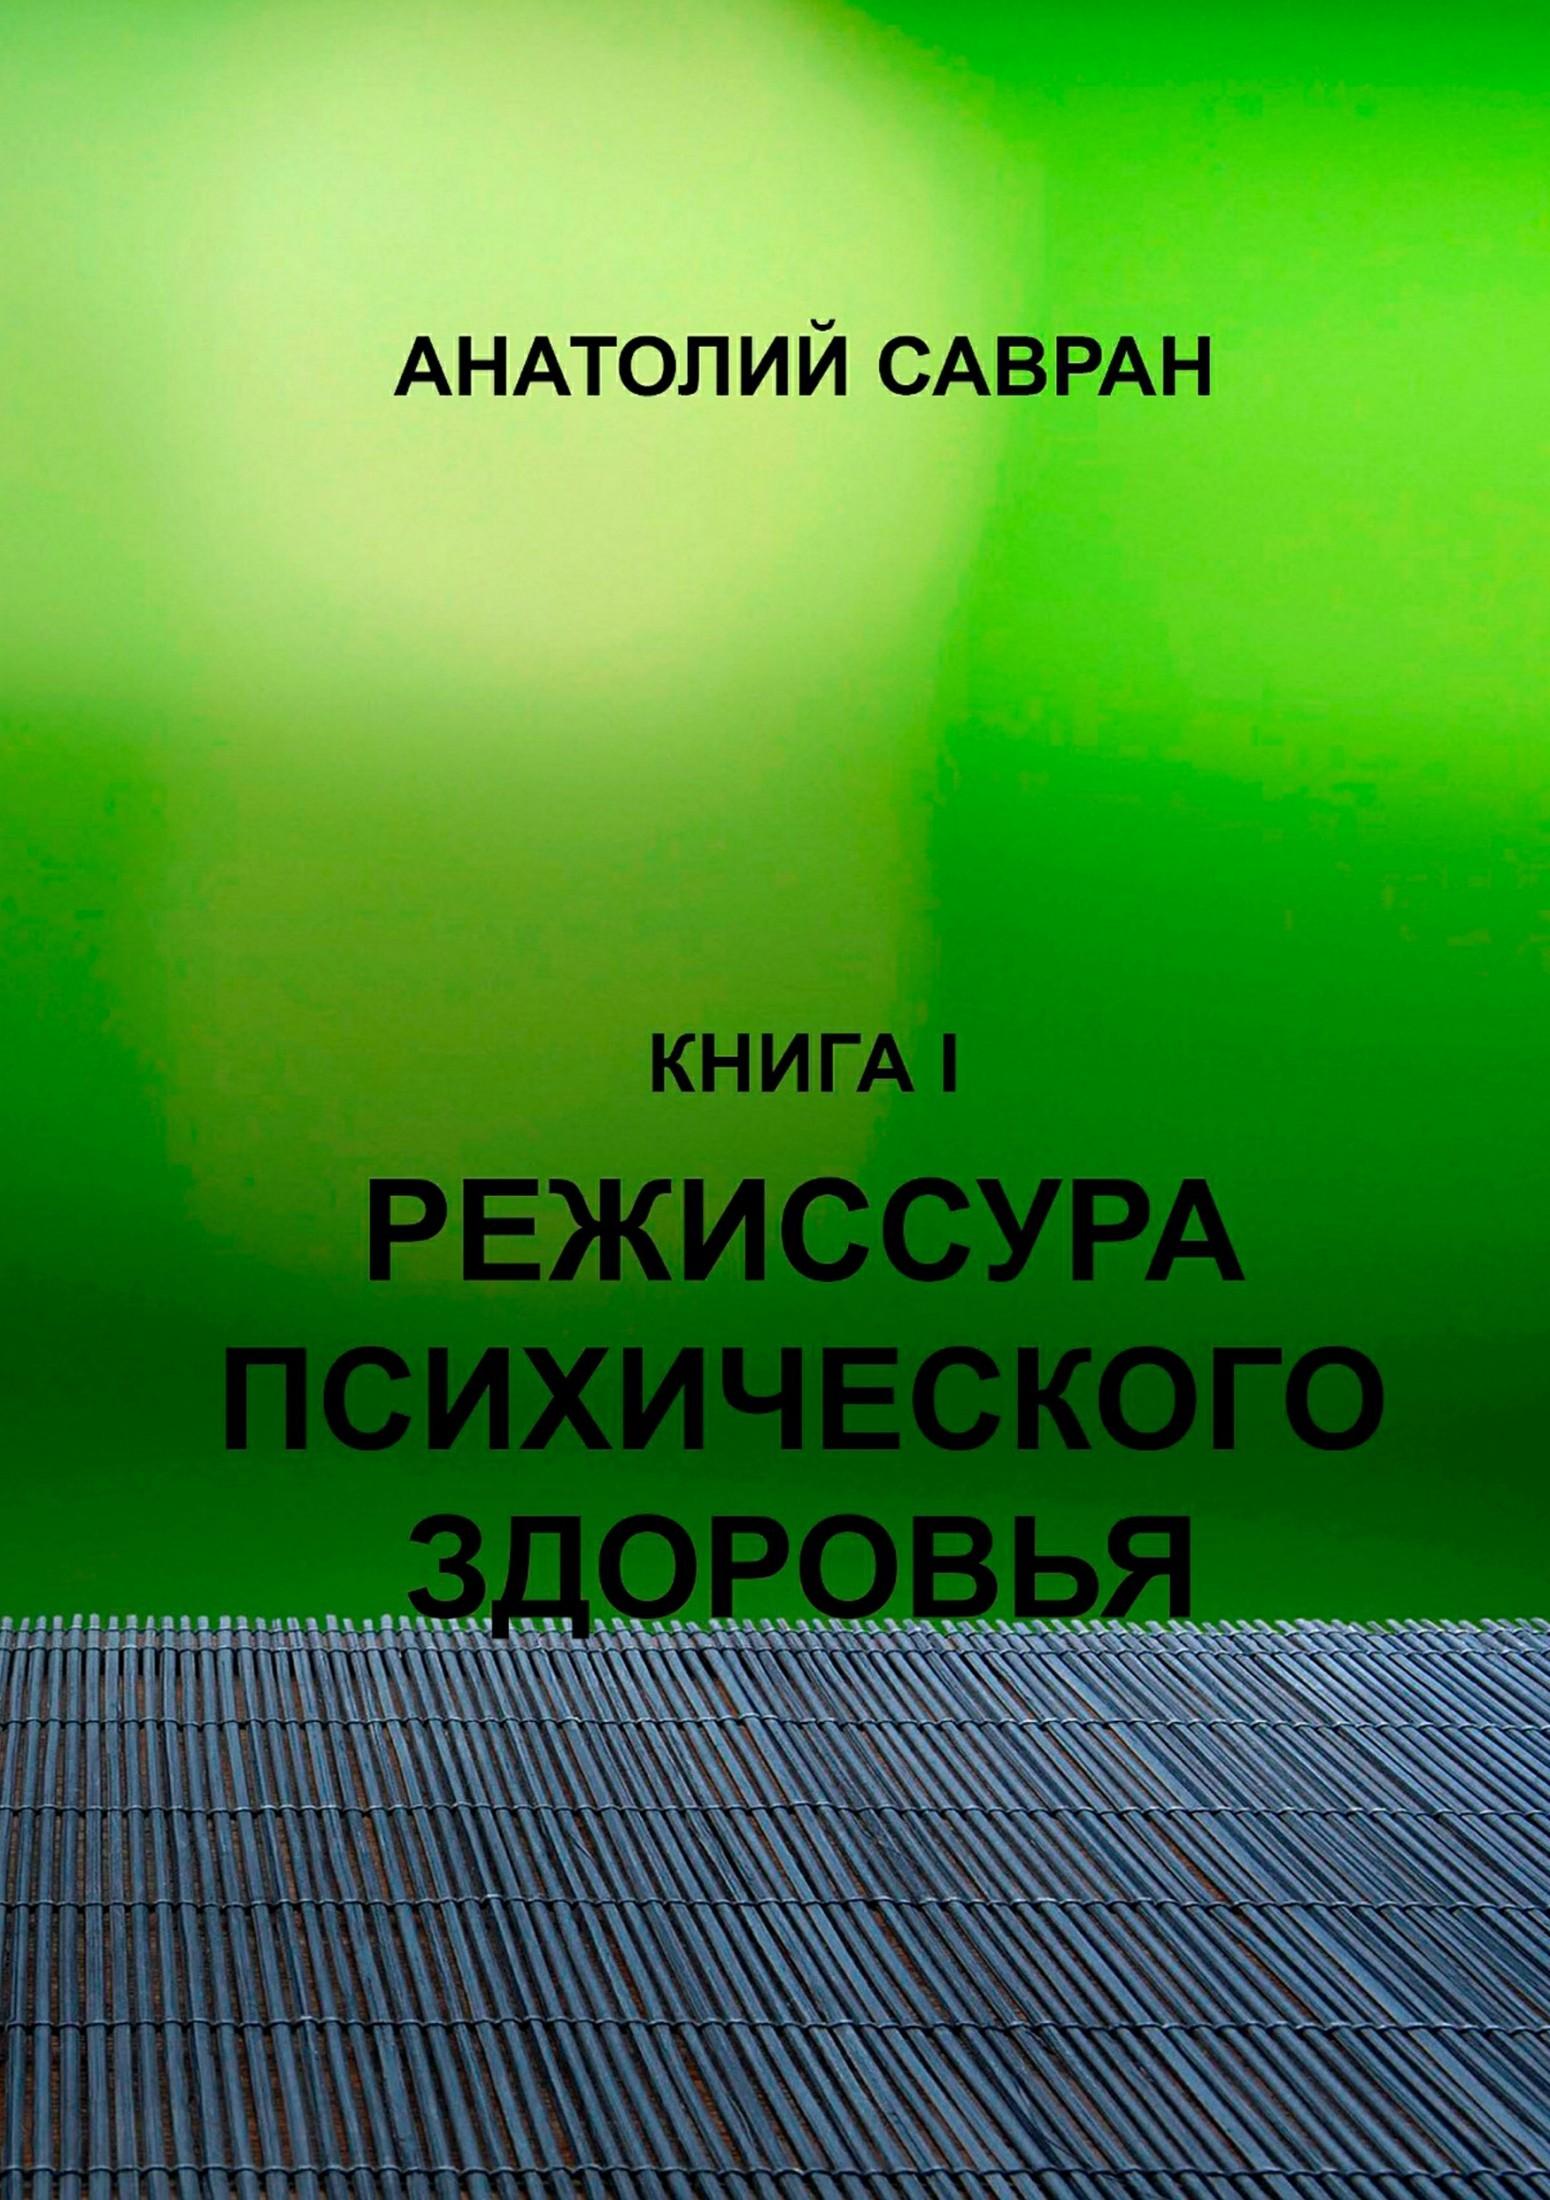 Анатолий Владимирович Савран. Режиссура психического здоровья